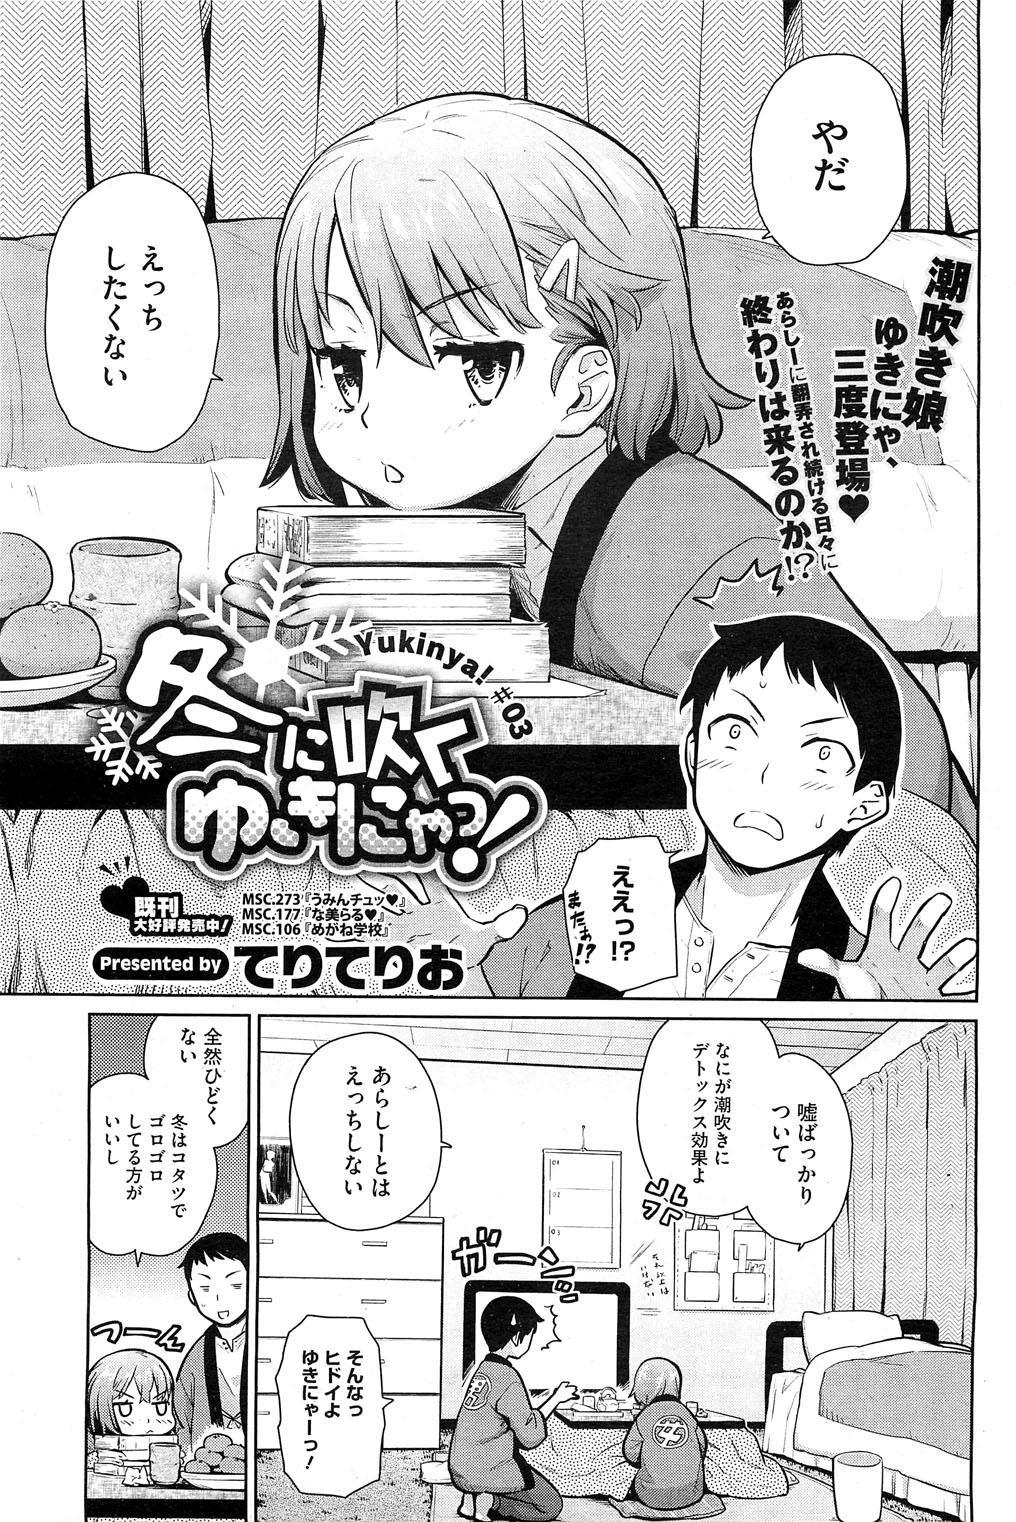 Yukinya #1-4 48